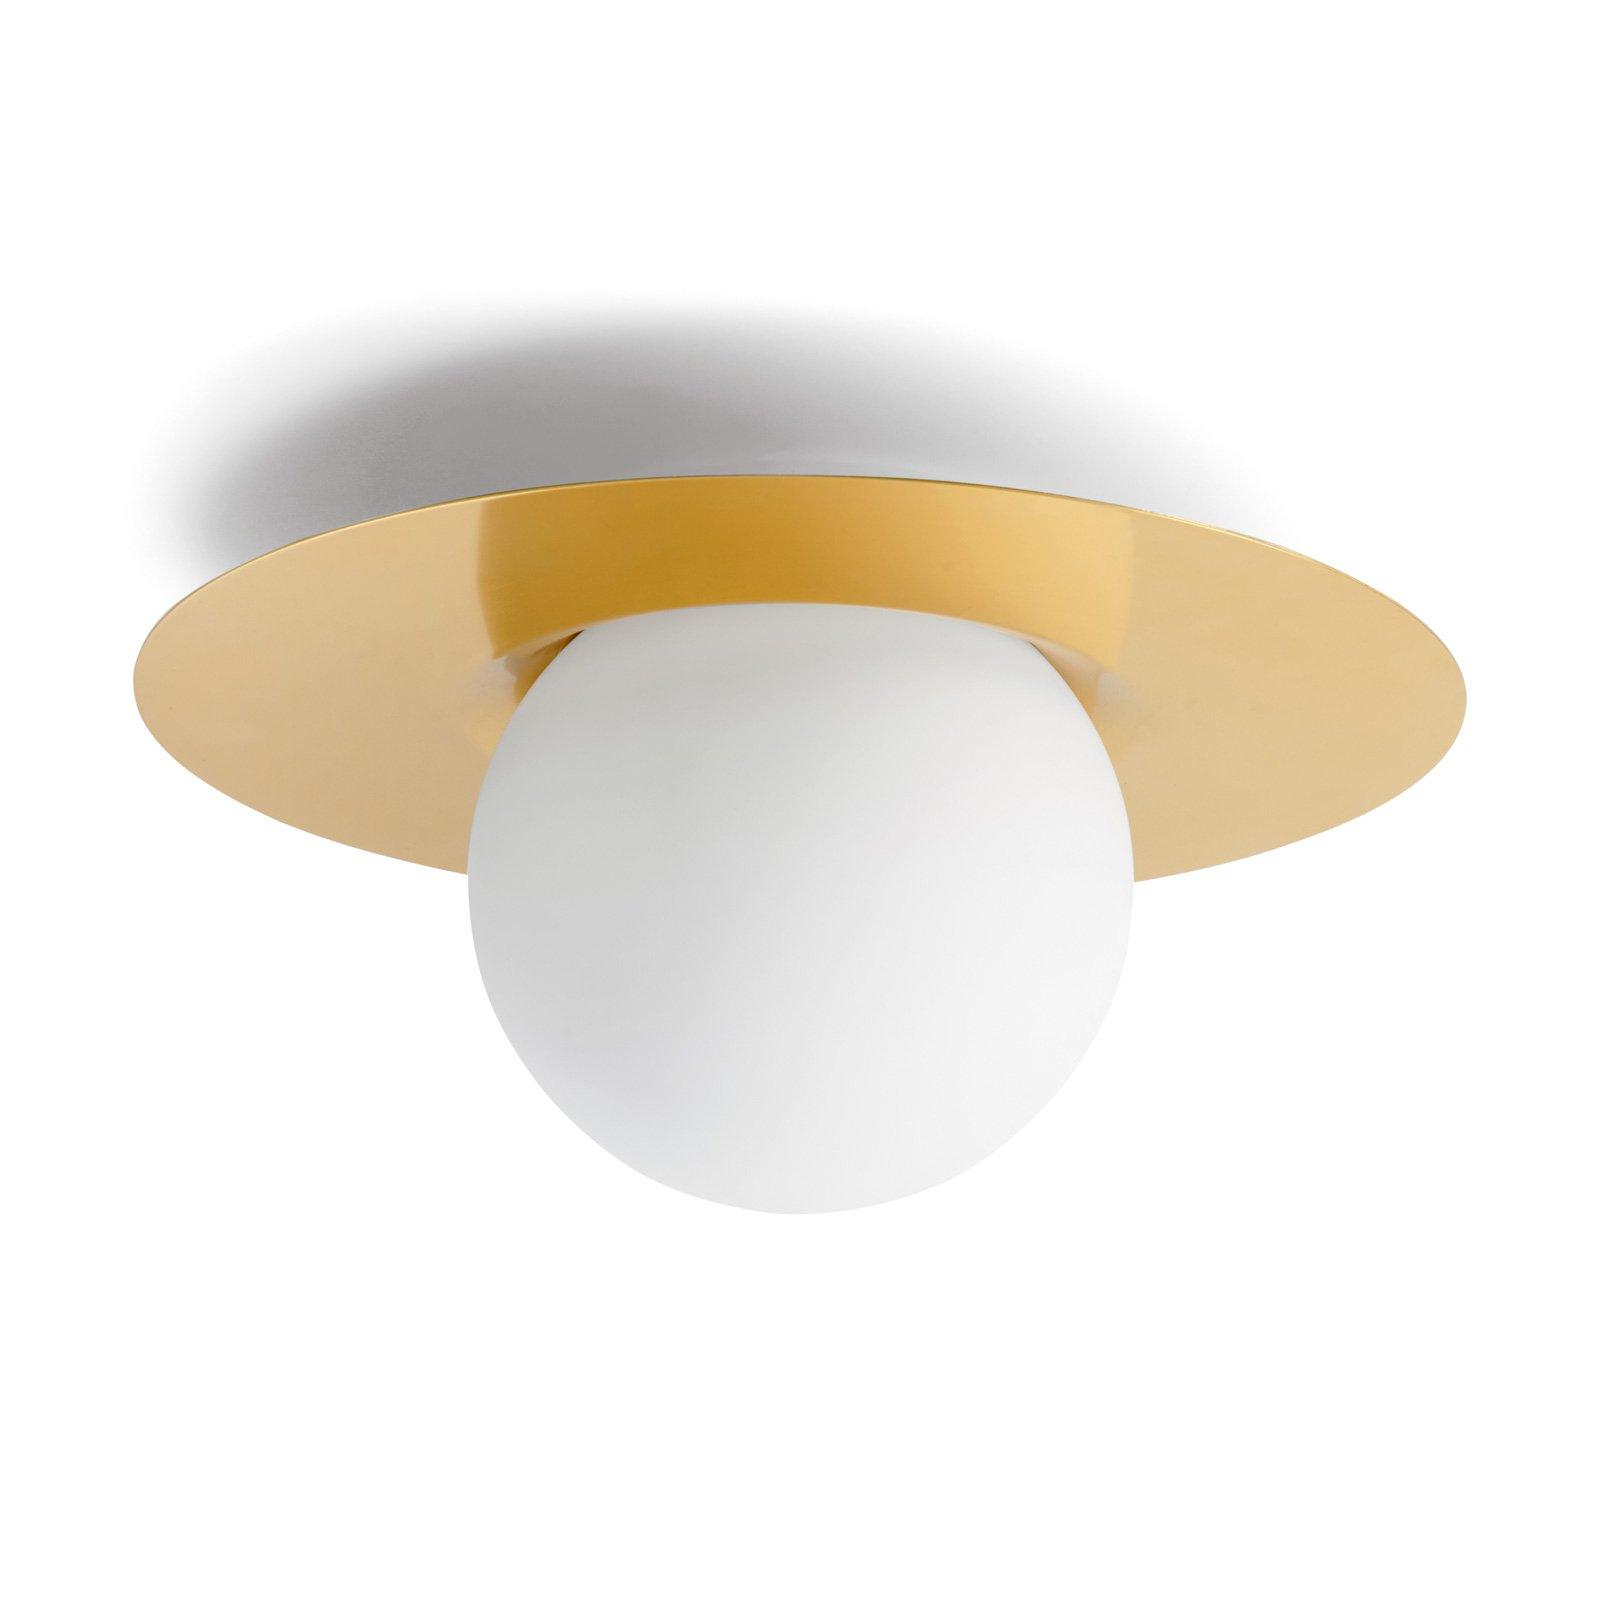 Taklampe Hat av glass med messingplate